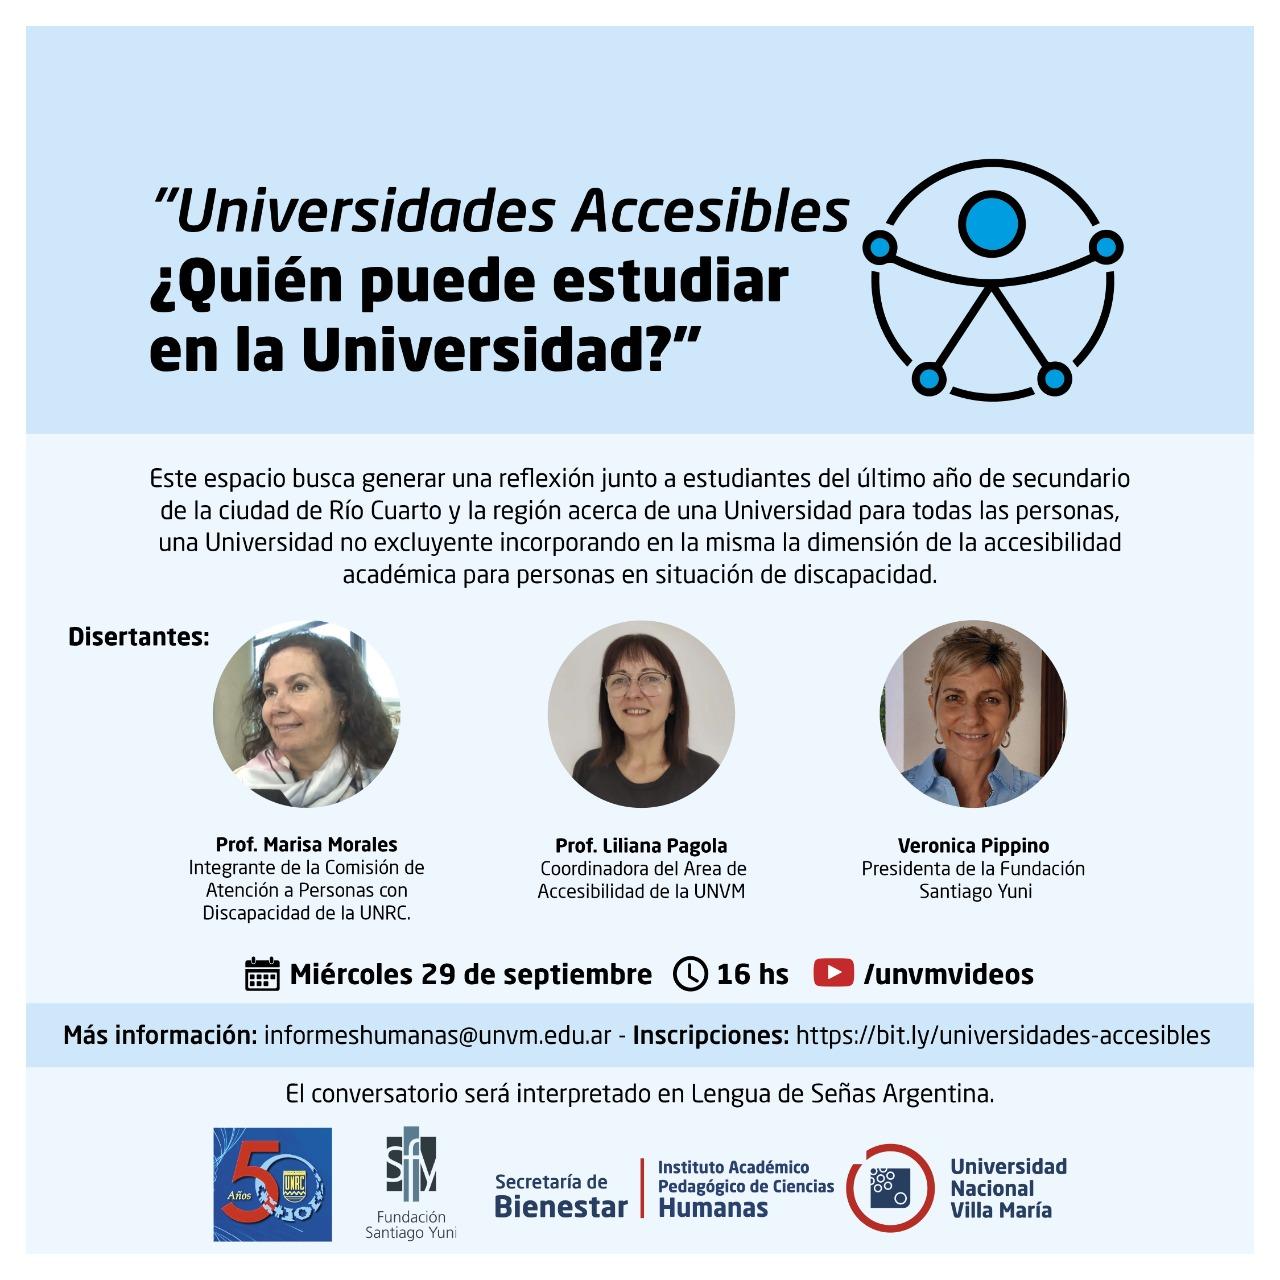 Universidades accesibles